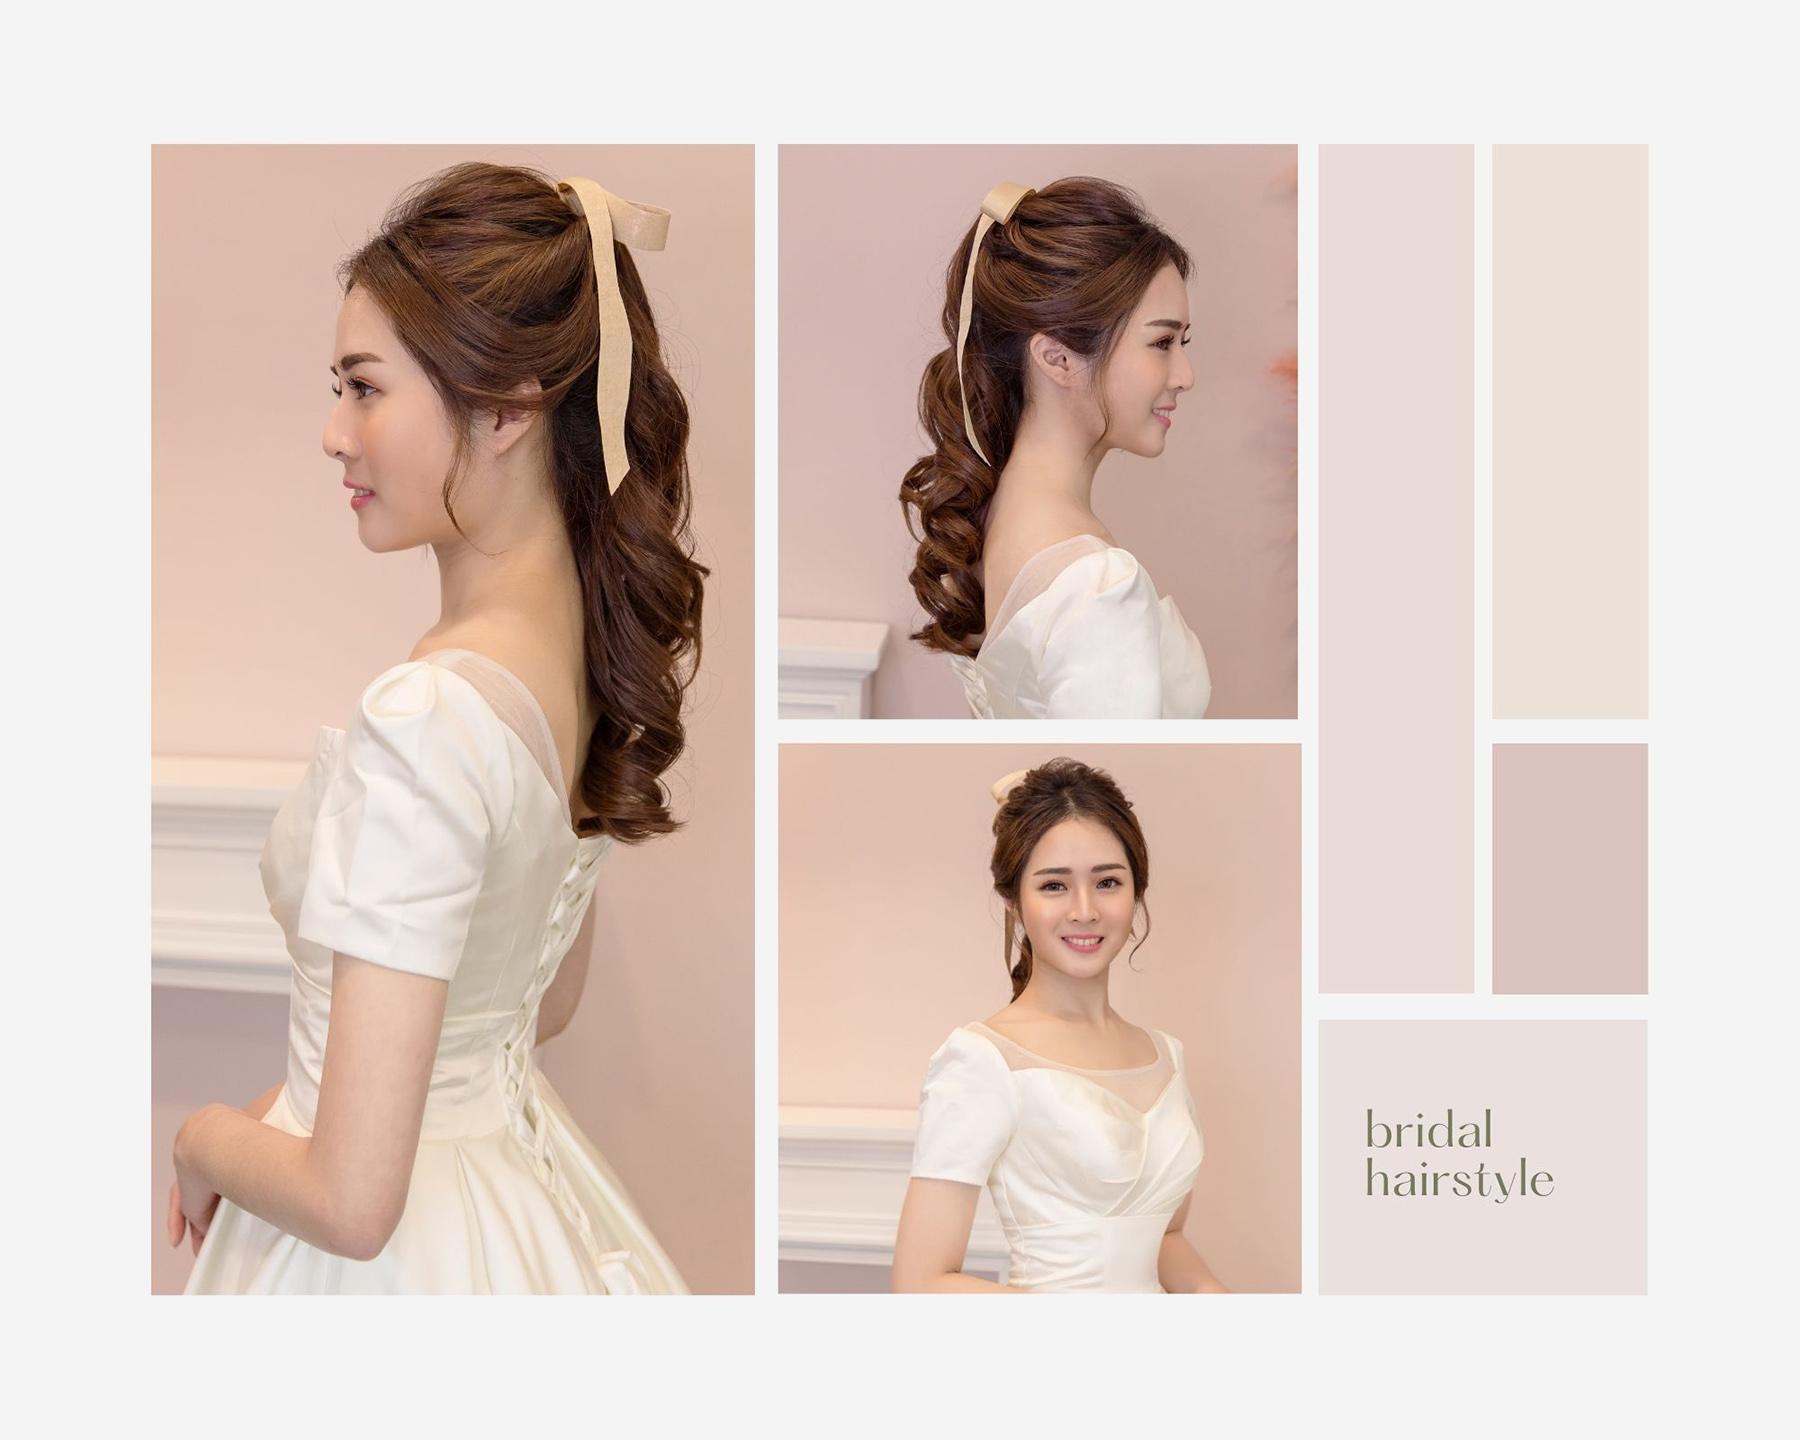 新秘YUKI,新娘秘書,新秘,新娘造型,白紗造型,公主風造型,高雄新秘,高馬尾造型,蝴蝶結